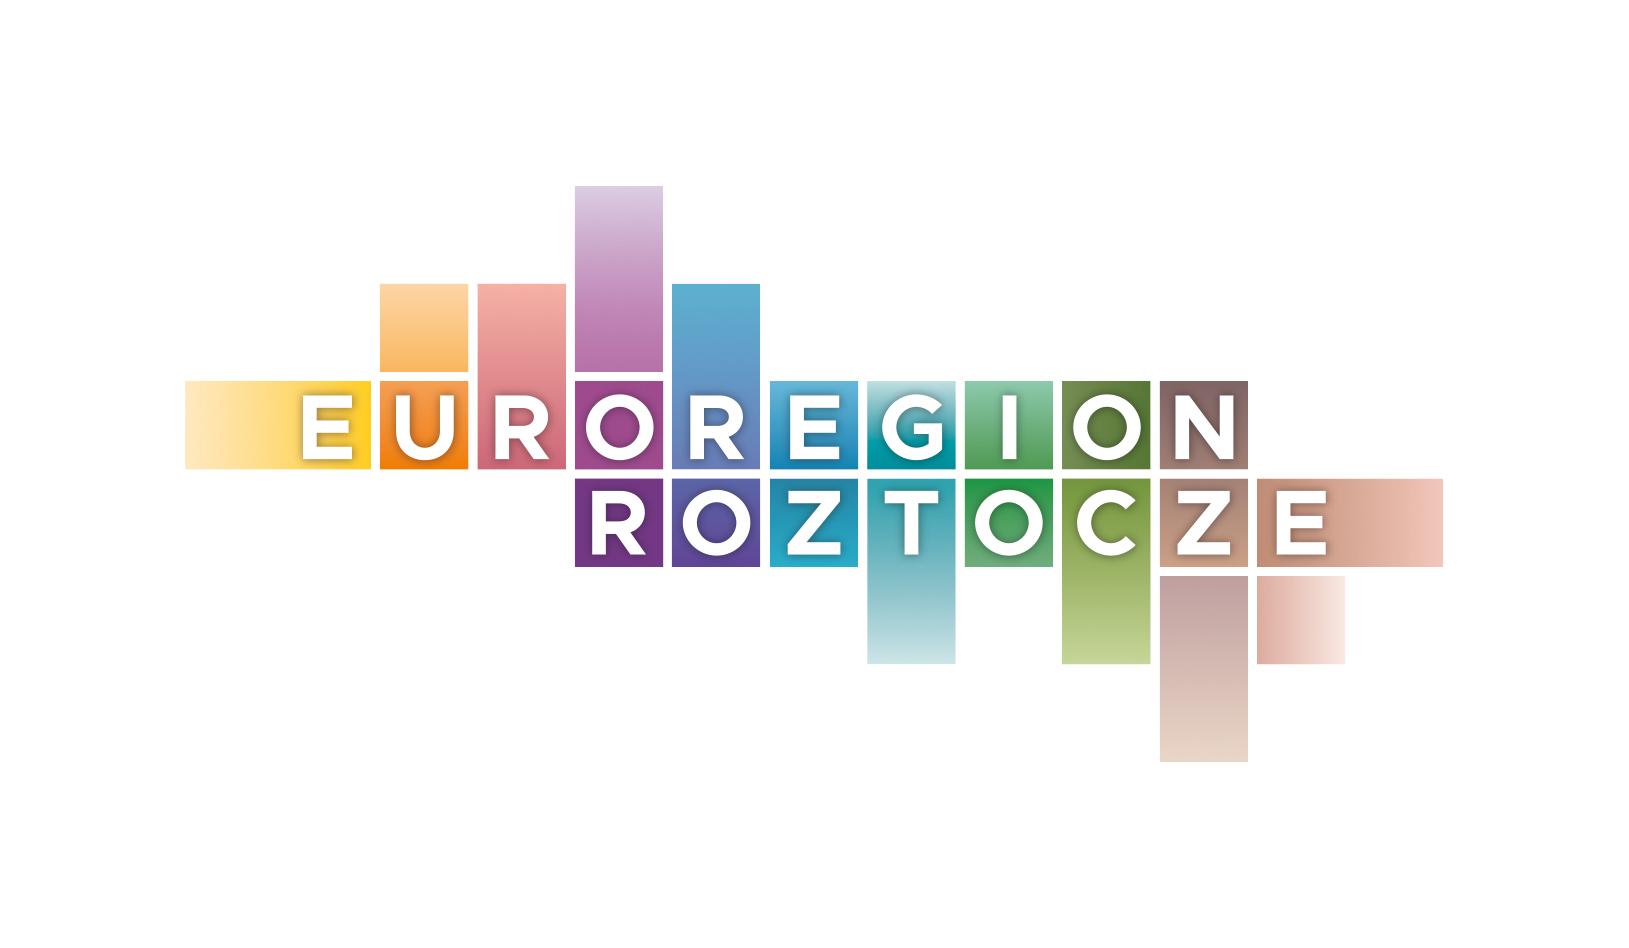 Euroregion Roztocze